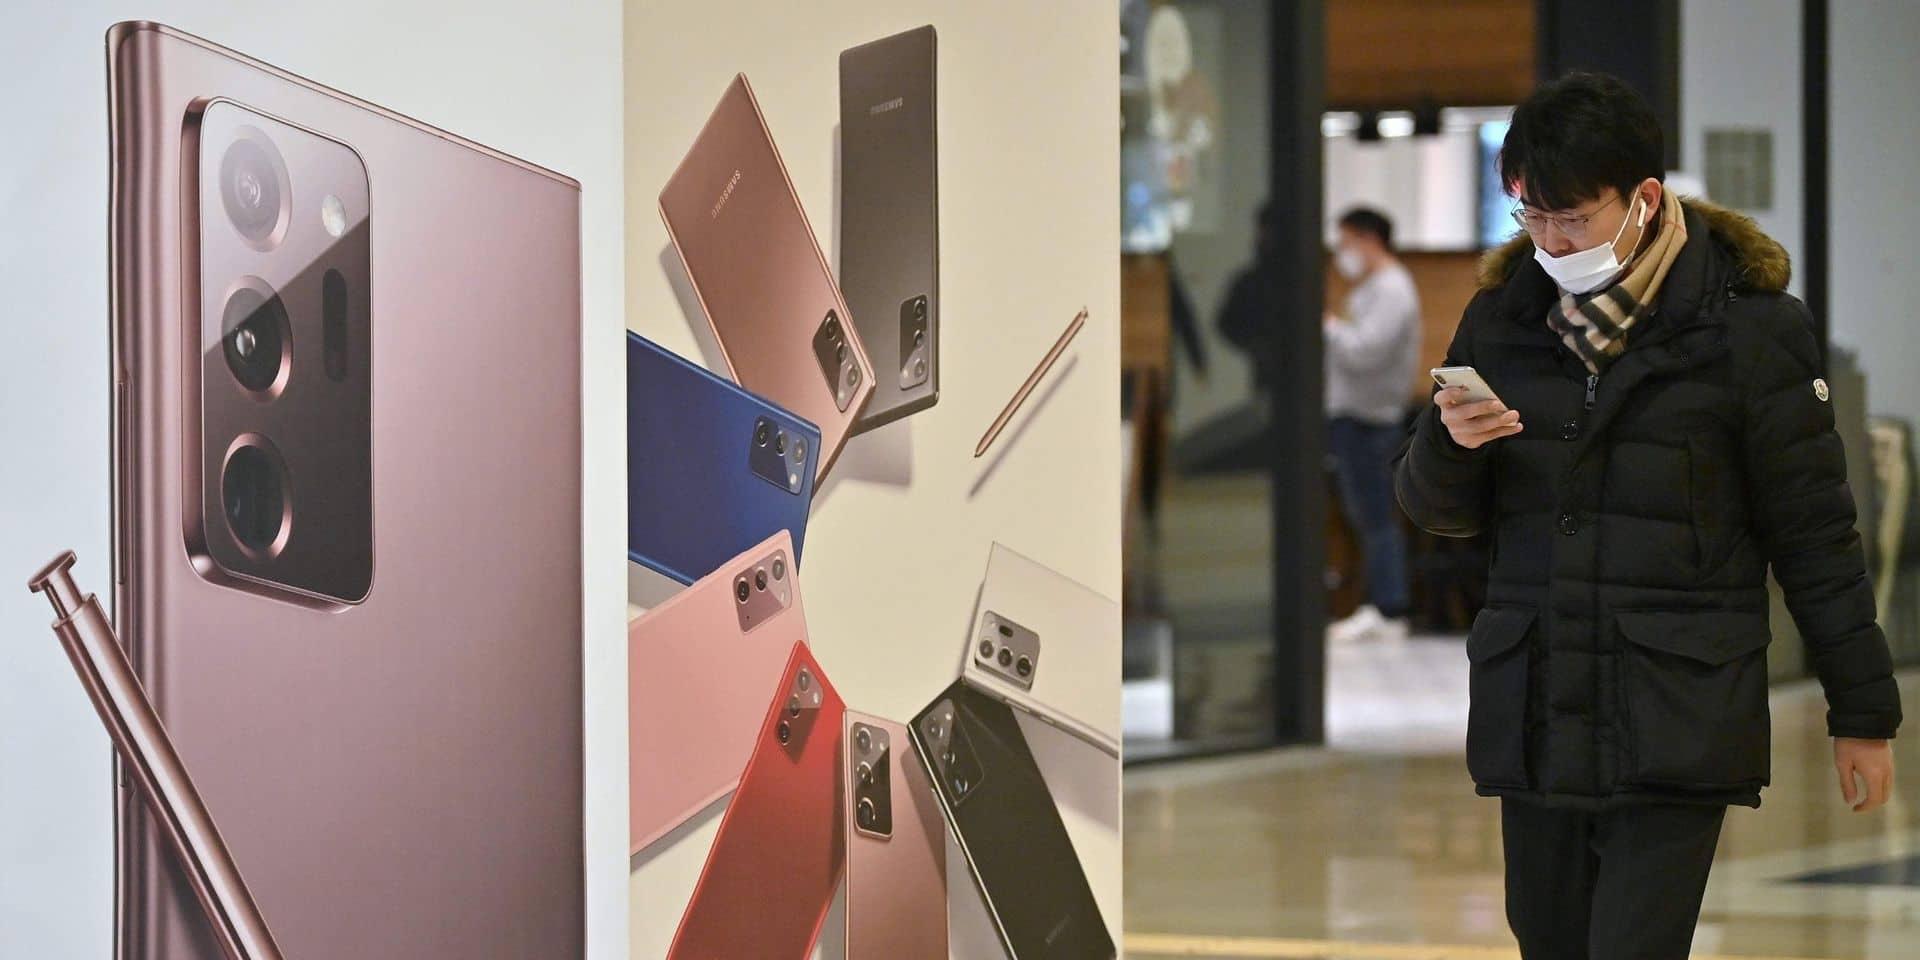 Un homme passe devant une publicité pour le smartphone Samsung Galaxy Note20 Ultra dans le showroom de l'entreprise à Séoul.